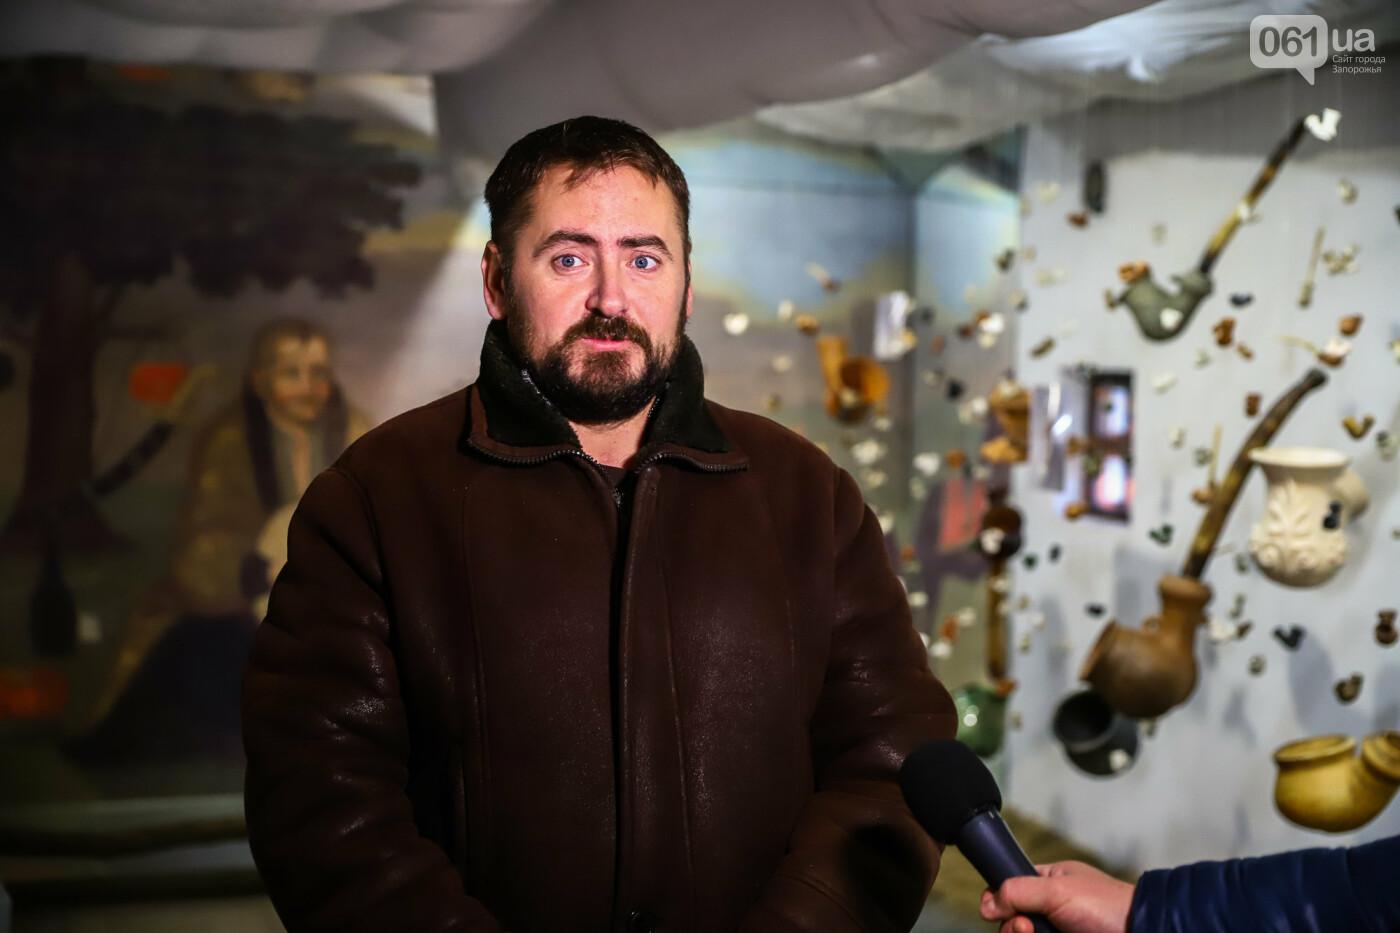 На Запорожской Сечи пополнилась уникальная коллекция казацких люлек: что курили казаки и о чем может рассказать трубка, фото-1